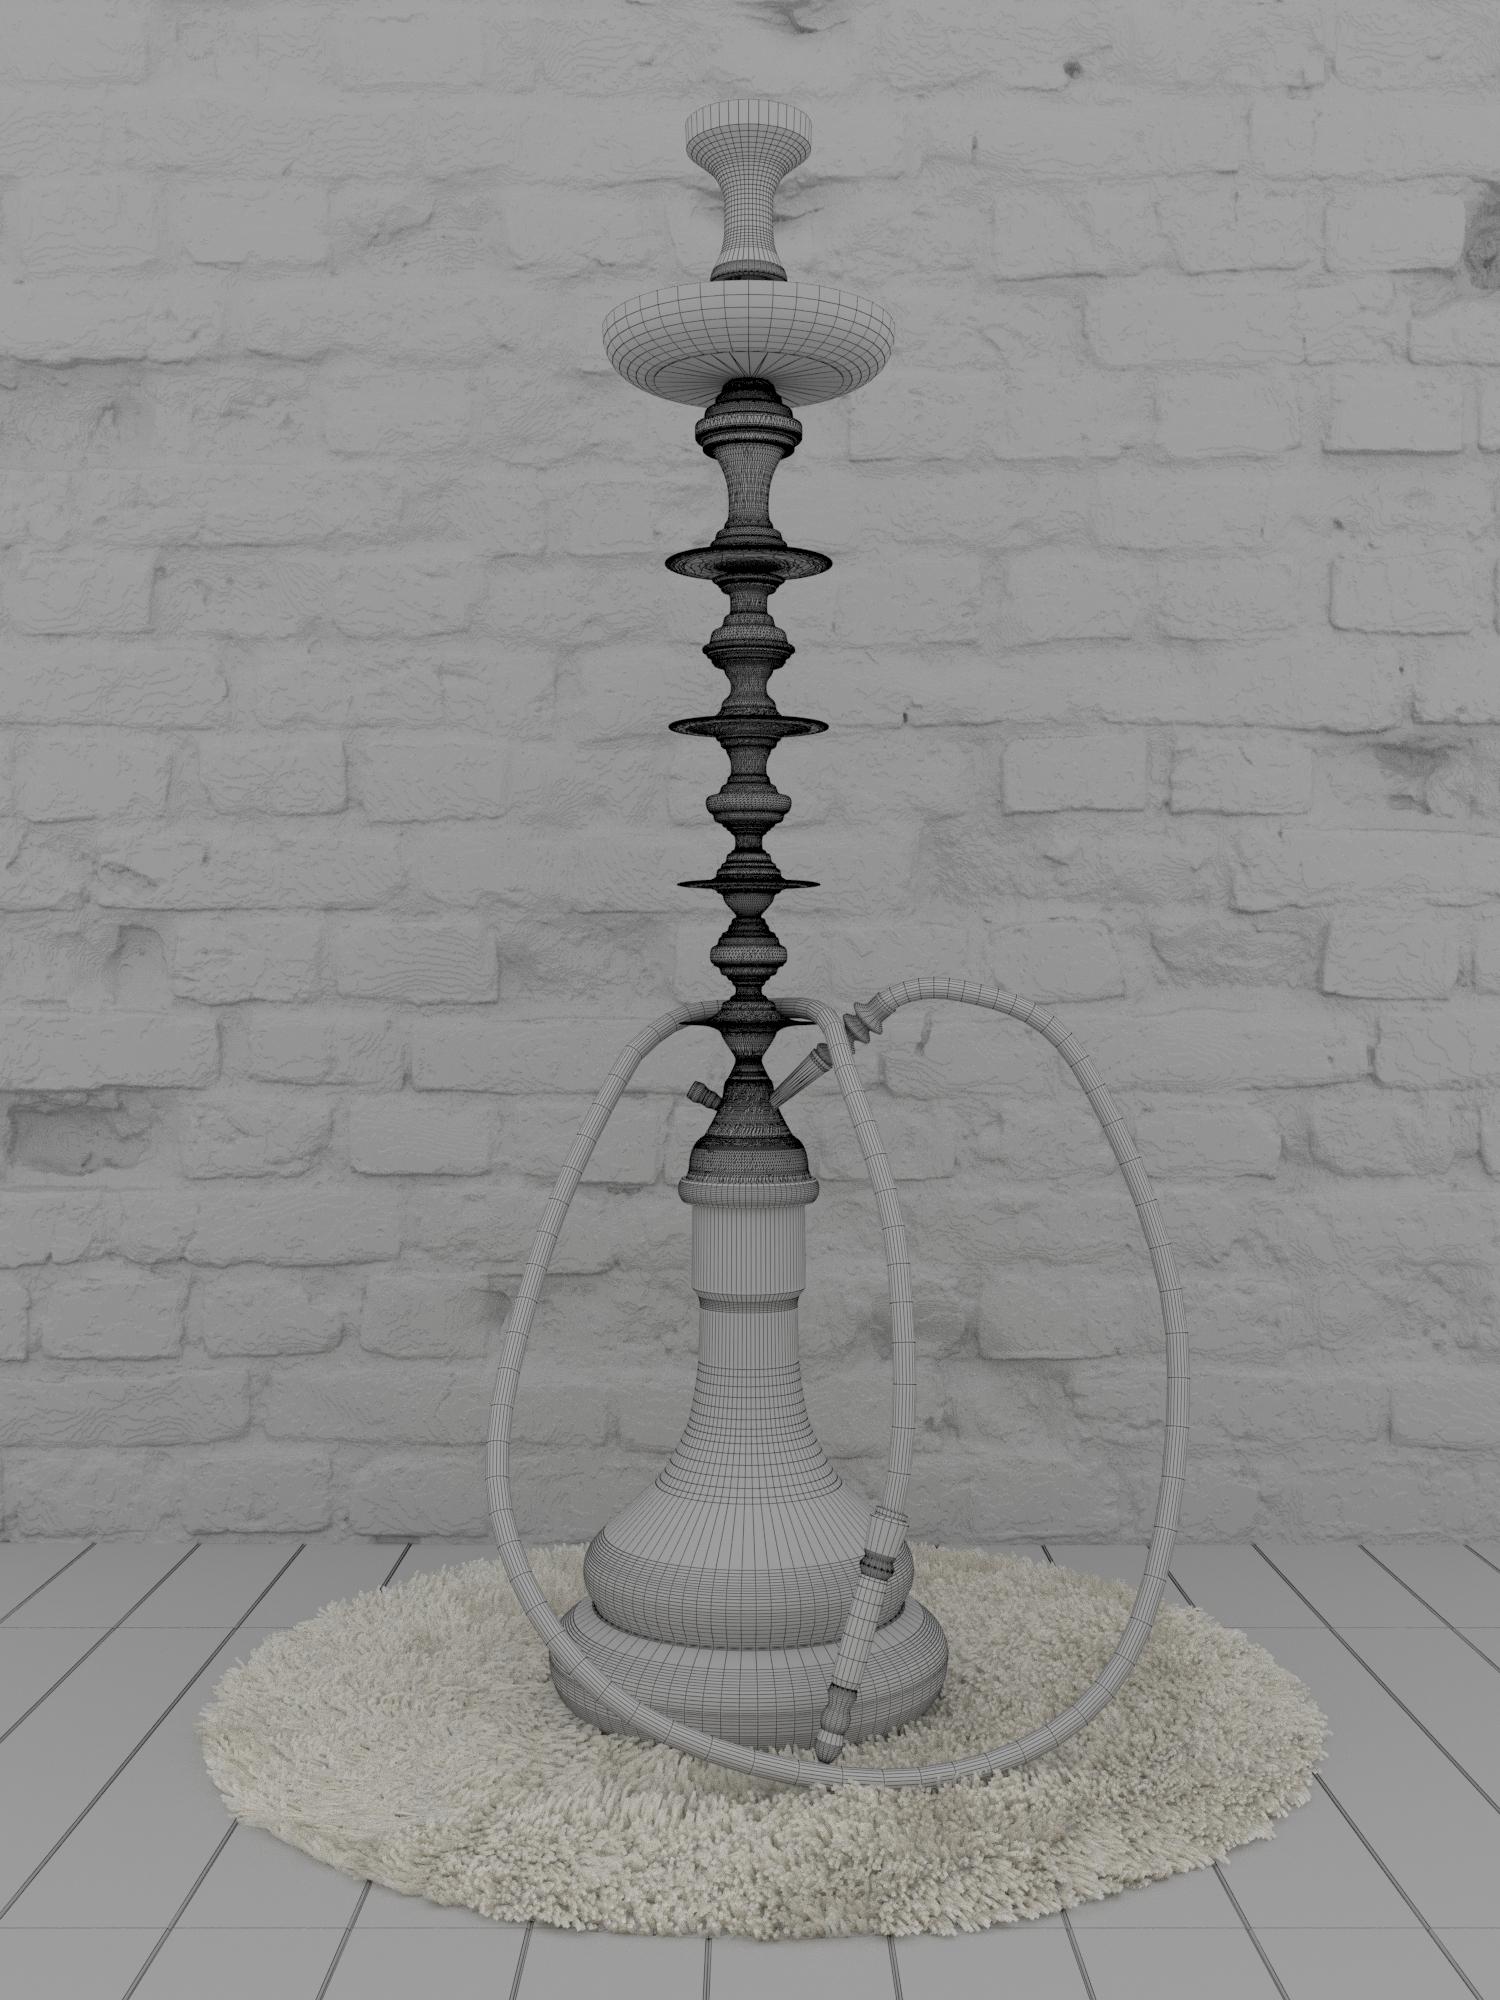 हुक्के 3d max corona render में प्रस्तुत छवि